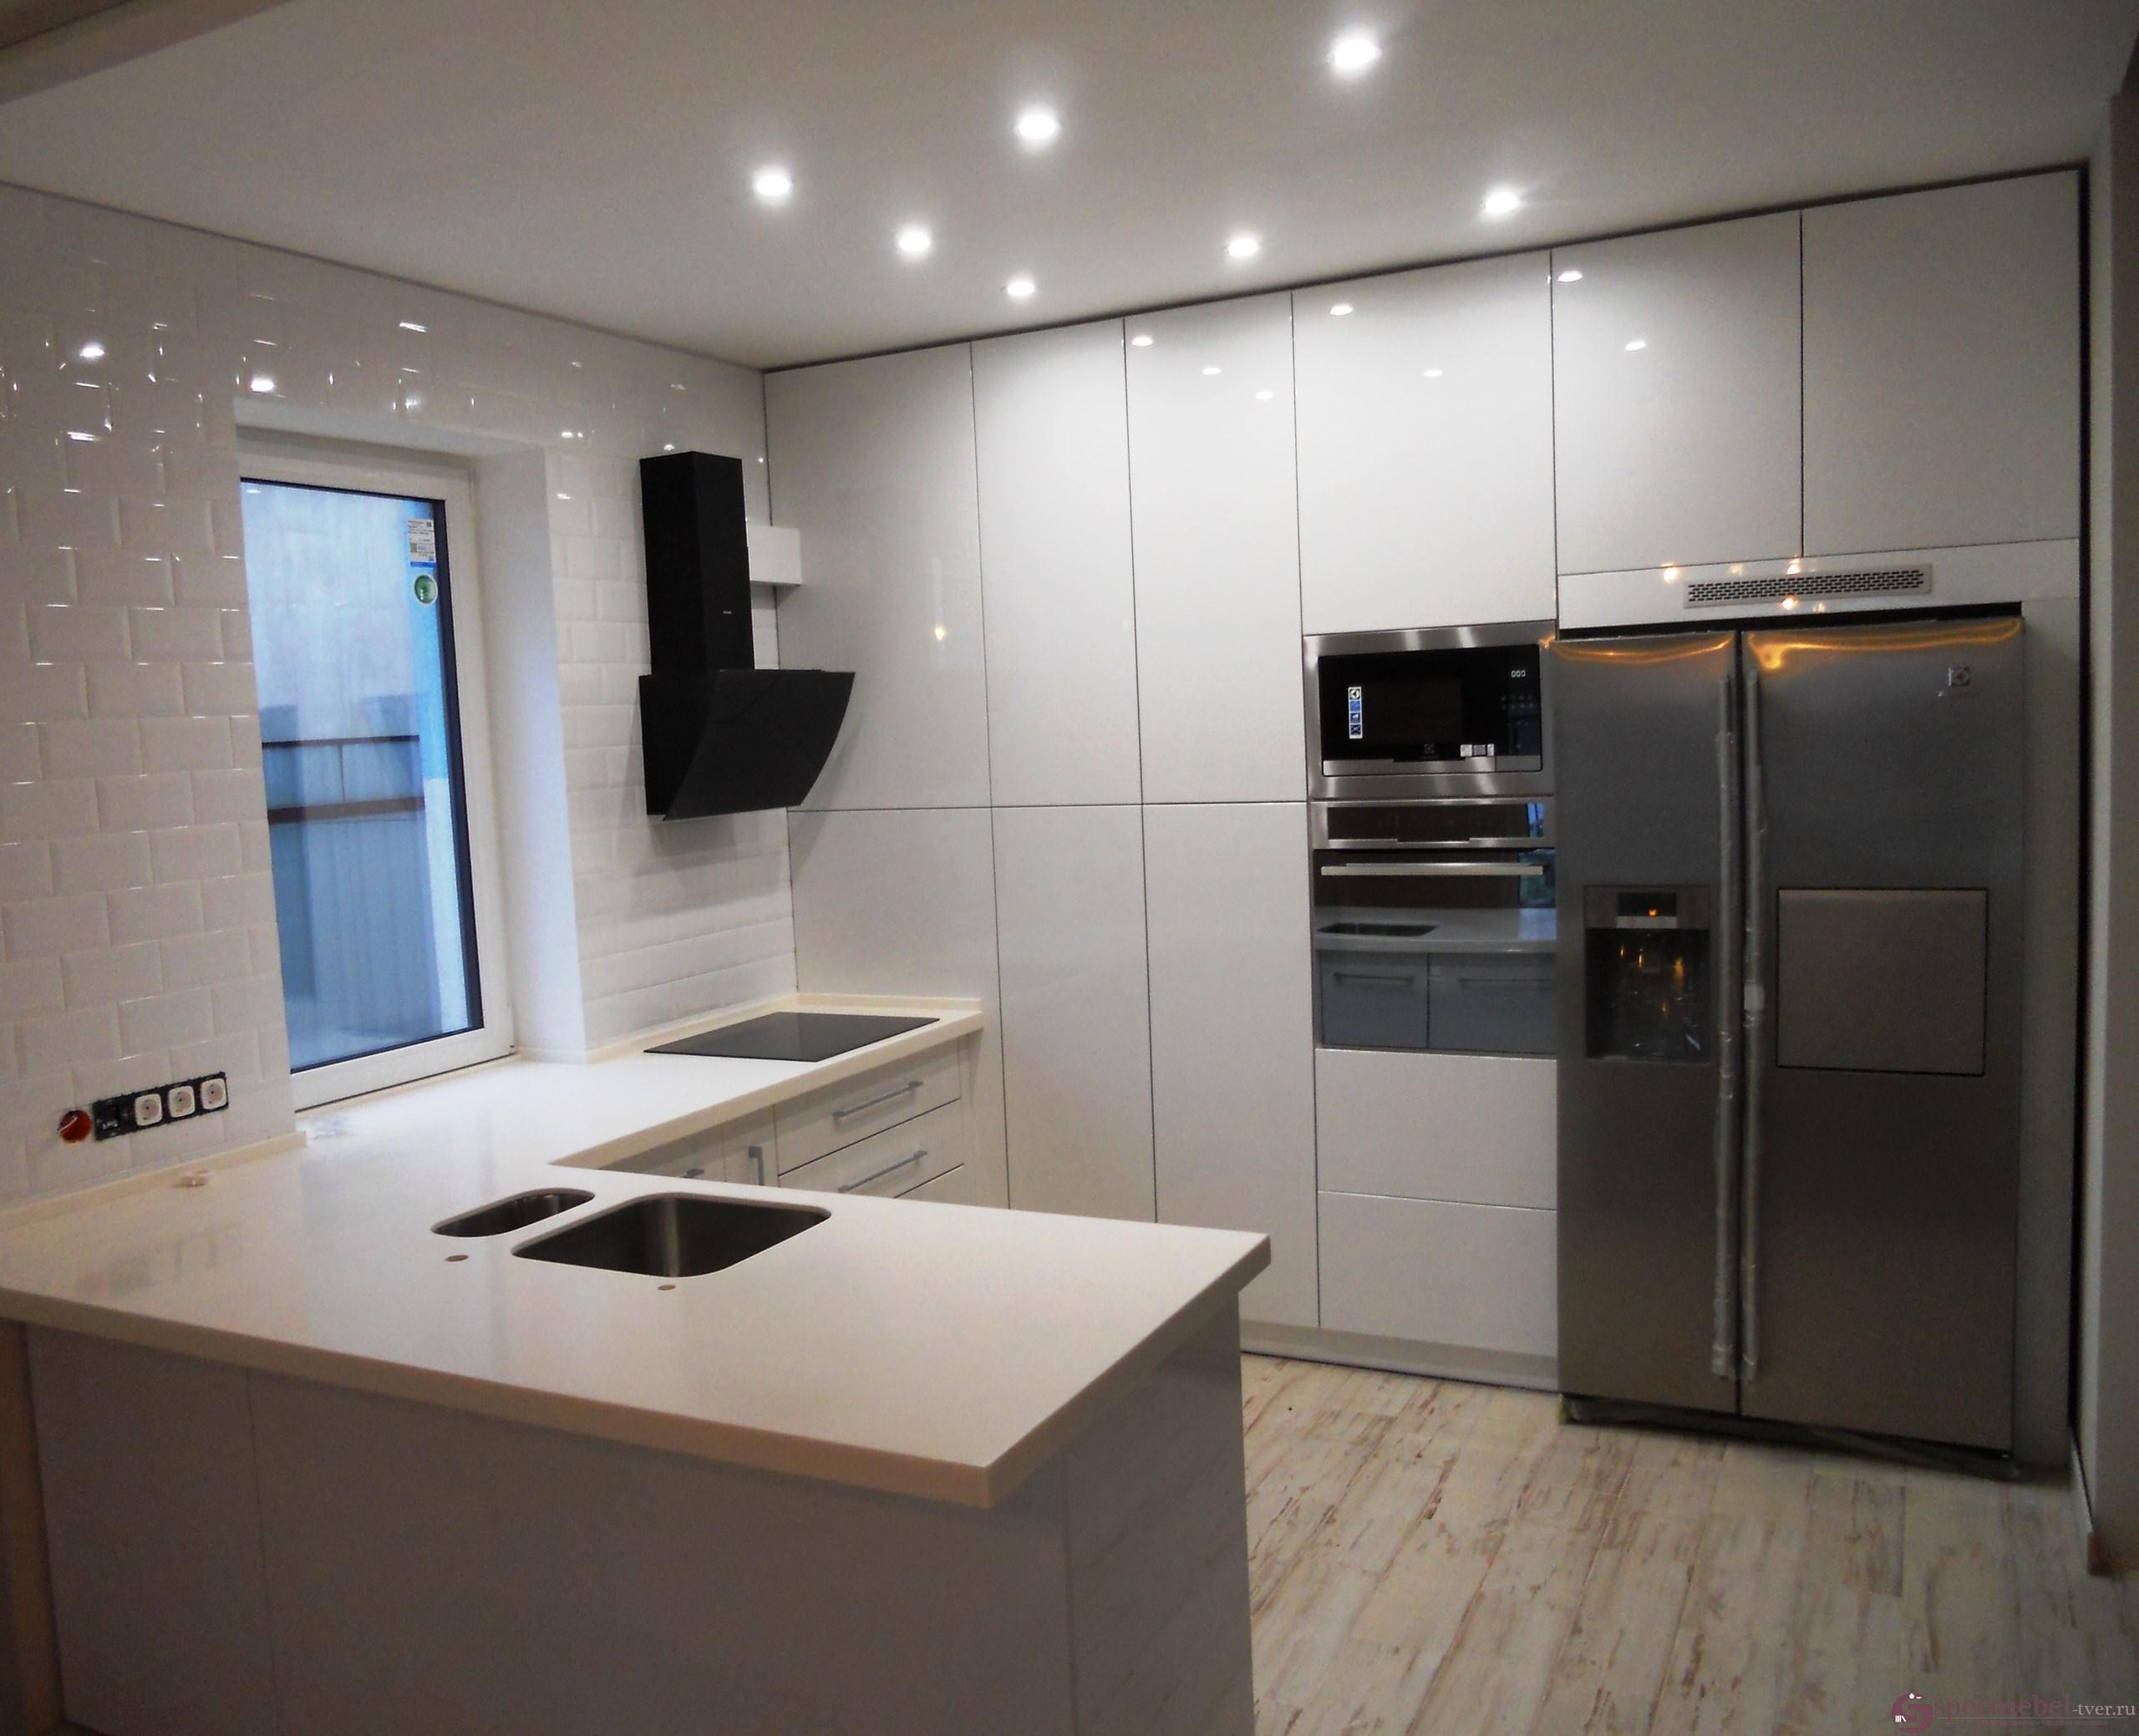 Угловая кухня со встроенными шкафами